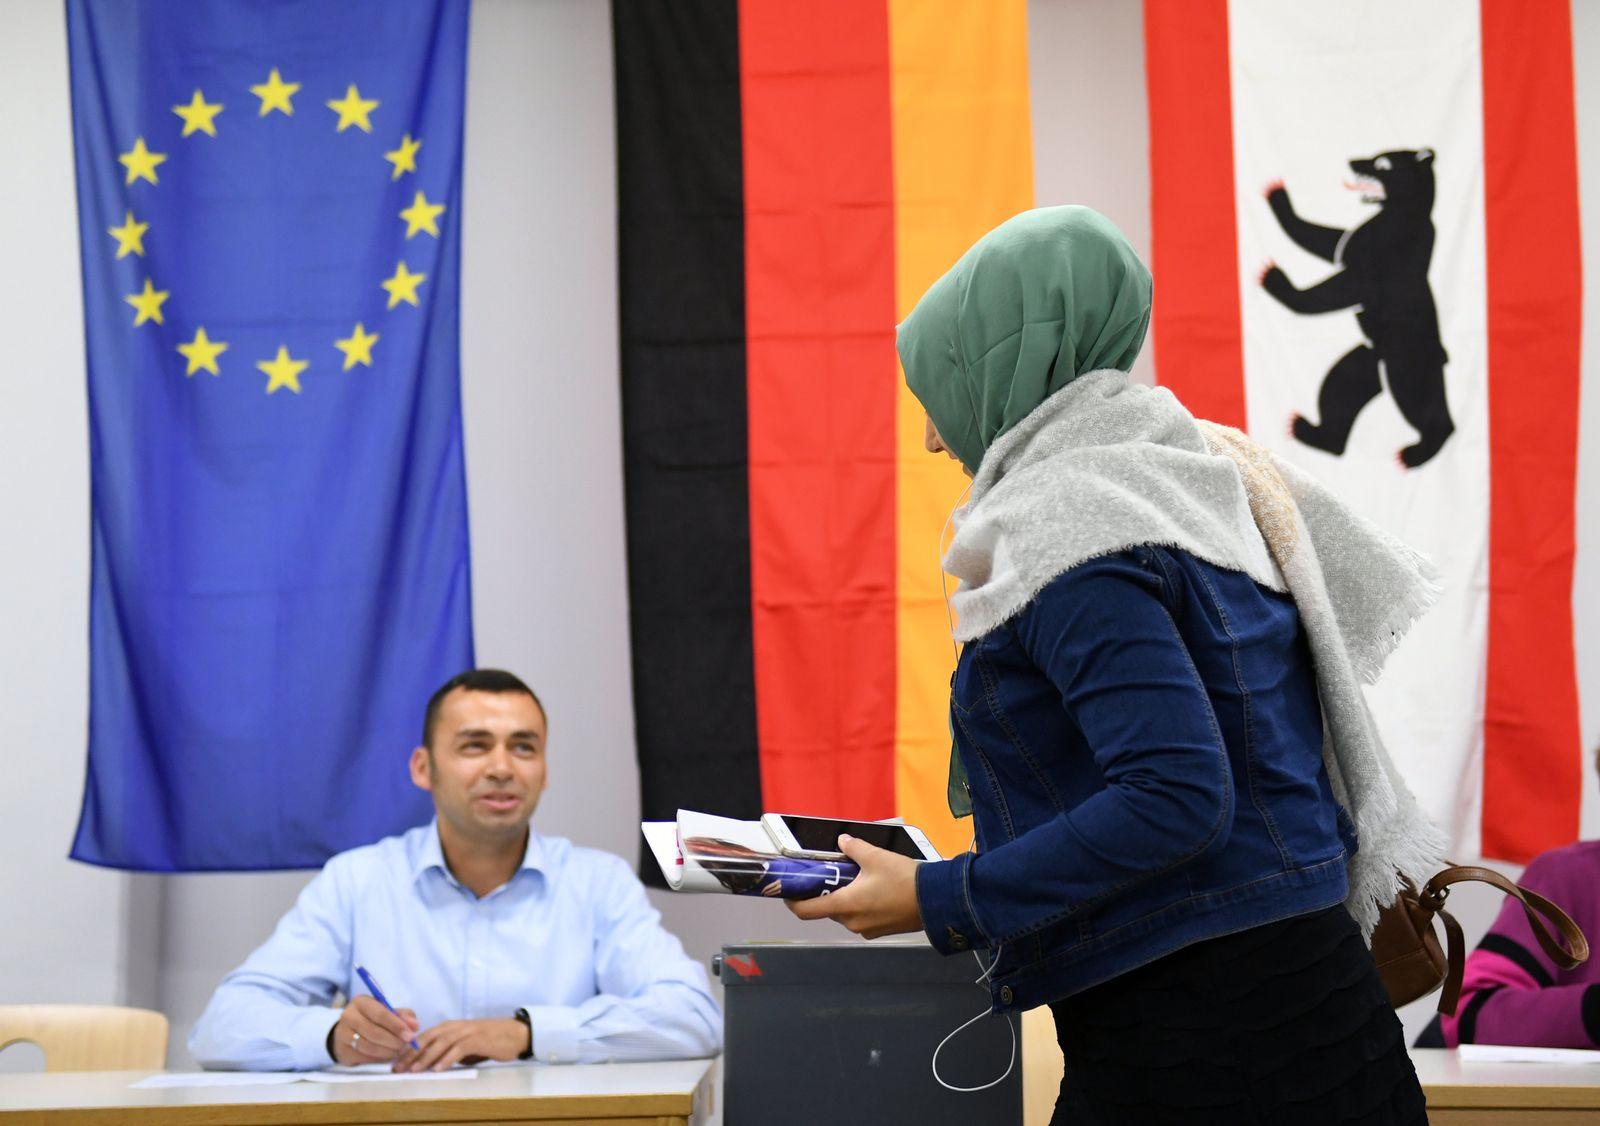 Bundestagswahl 2017 / Berlin